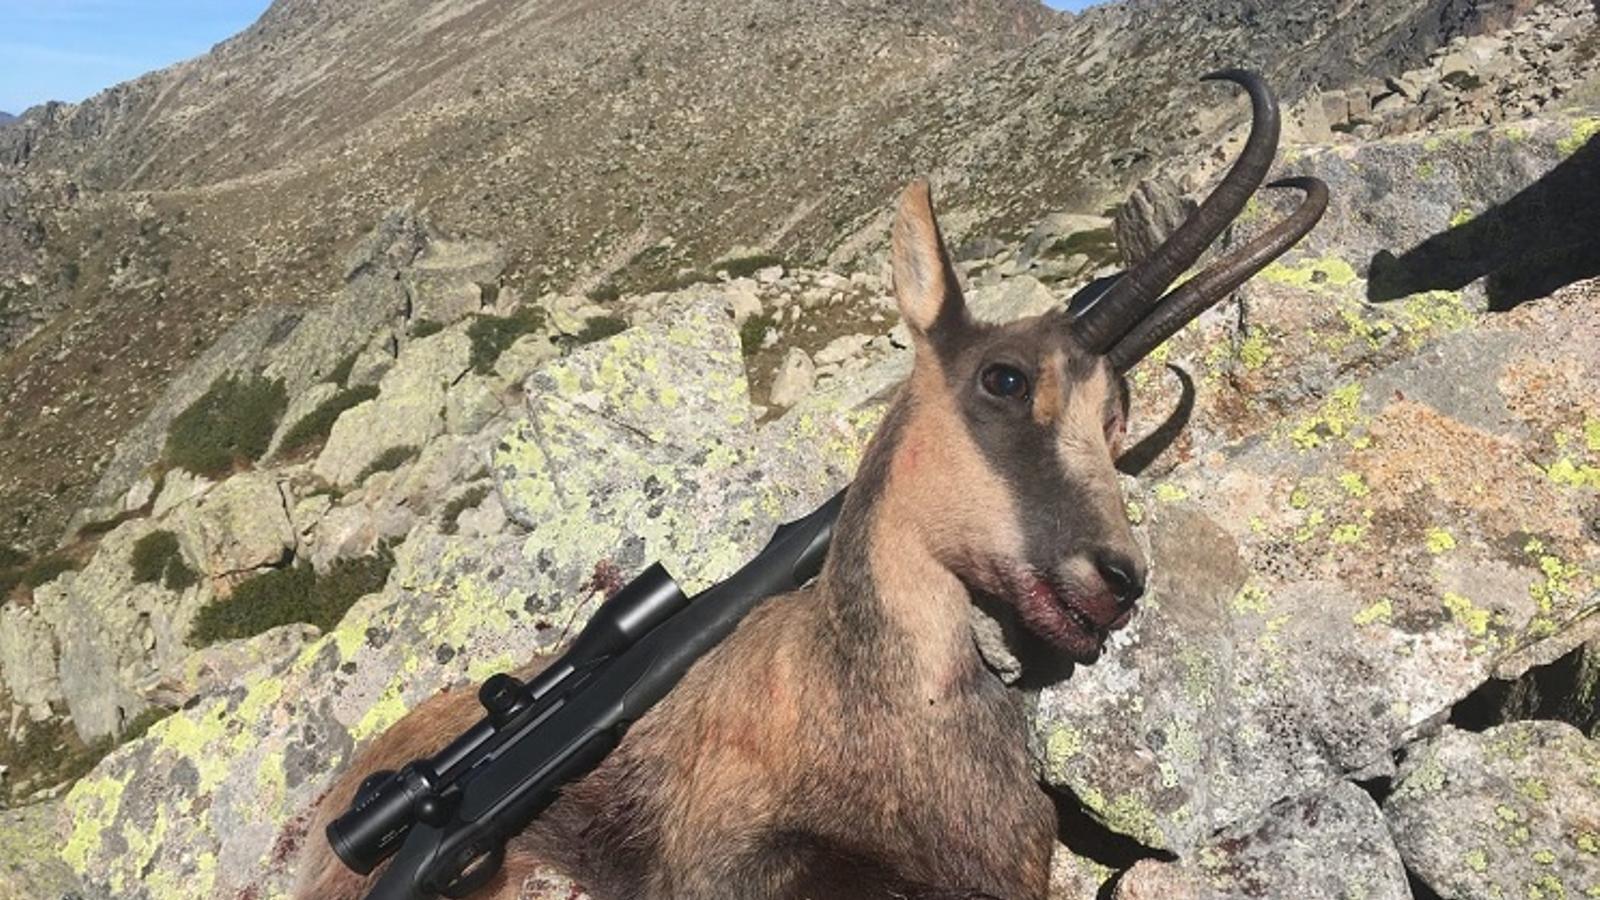 Imatge de l'isard abatut publicada per la revista especialitzada en caça / REVISTA JARA Y SEDAL